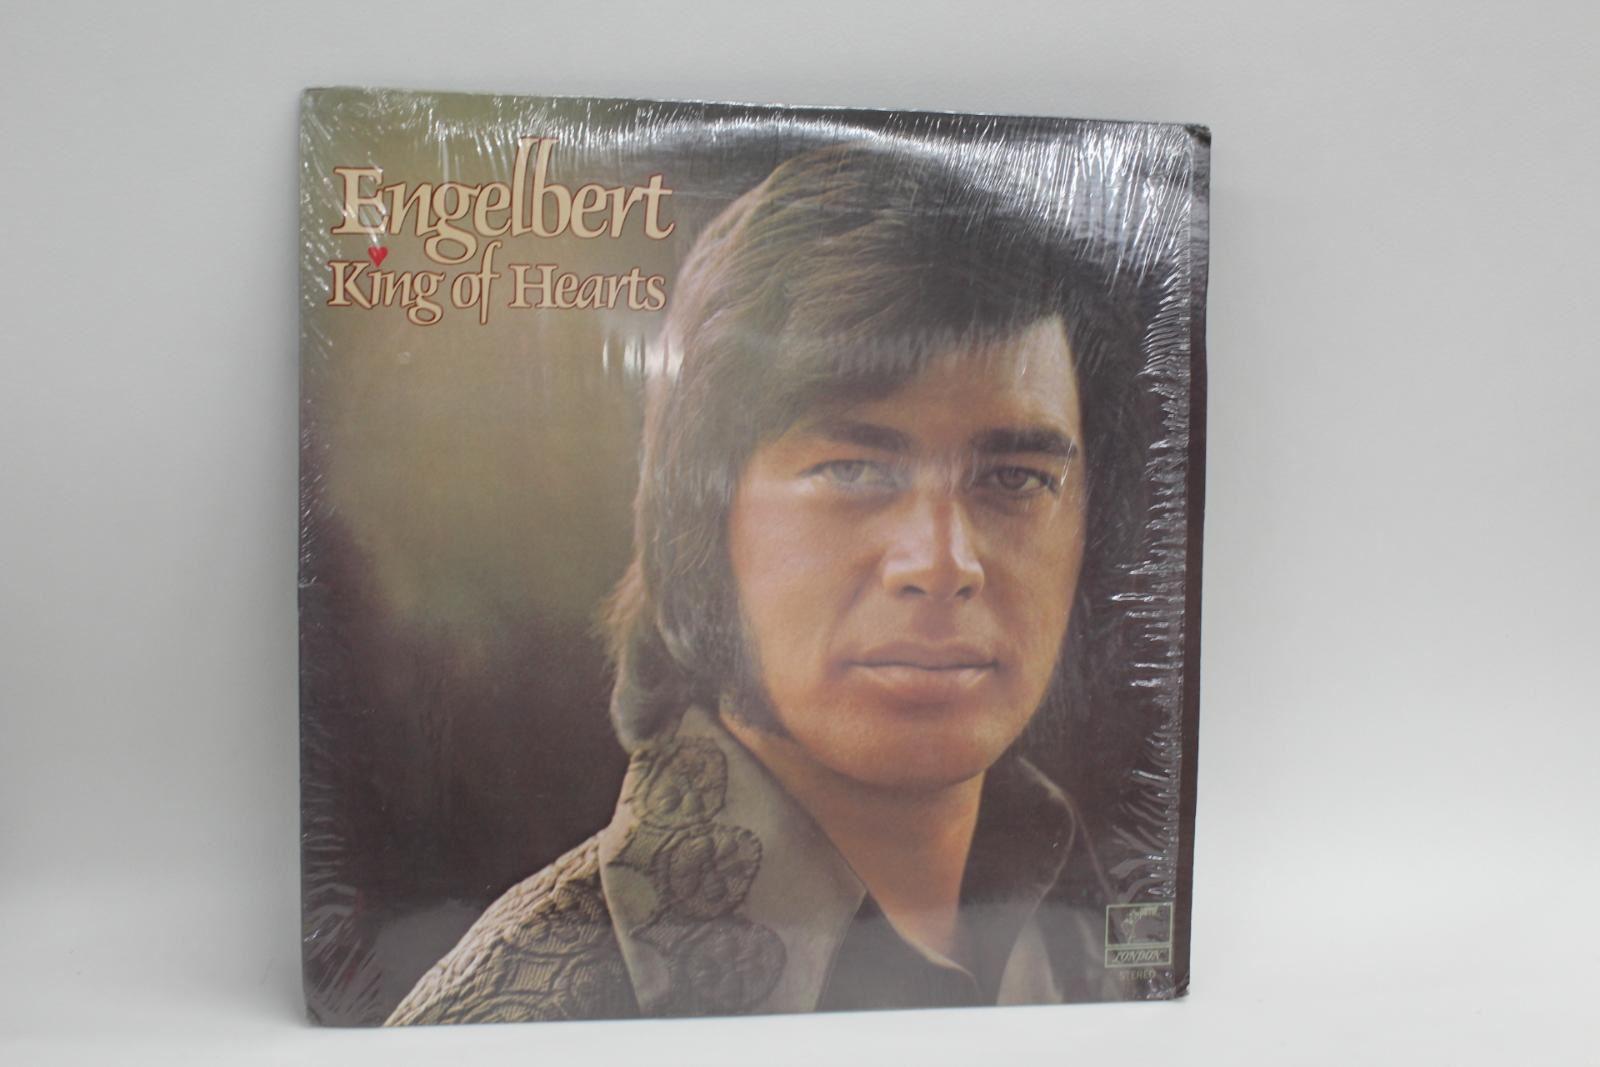 ENGELBERT-HUMPERDINCK-12-034-Vinyl-LP-King-Of-Hearts-Parrot-1973-Stereo-Record